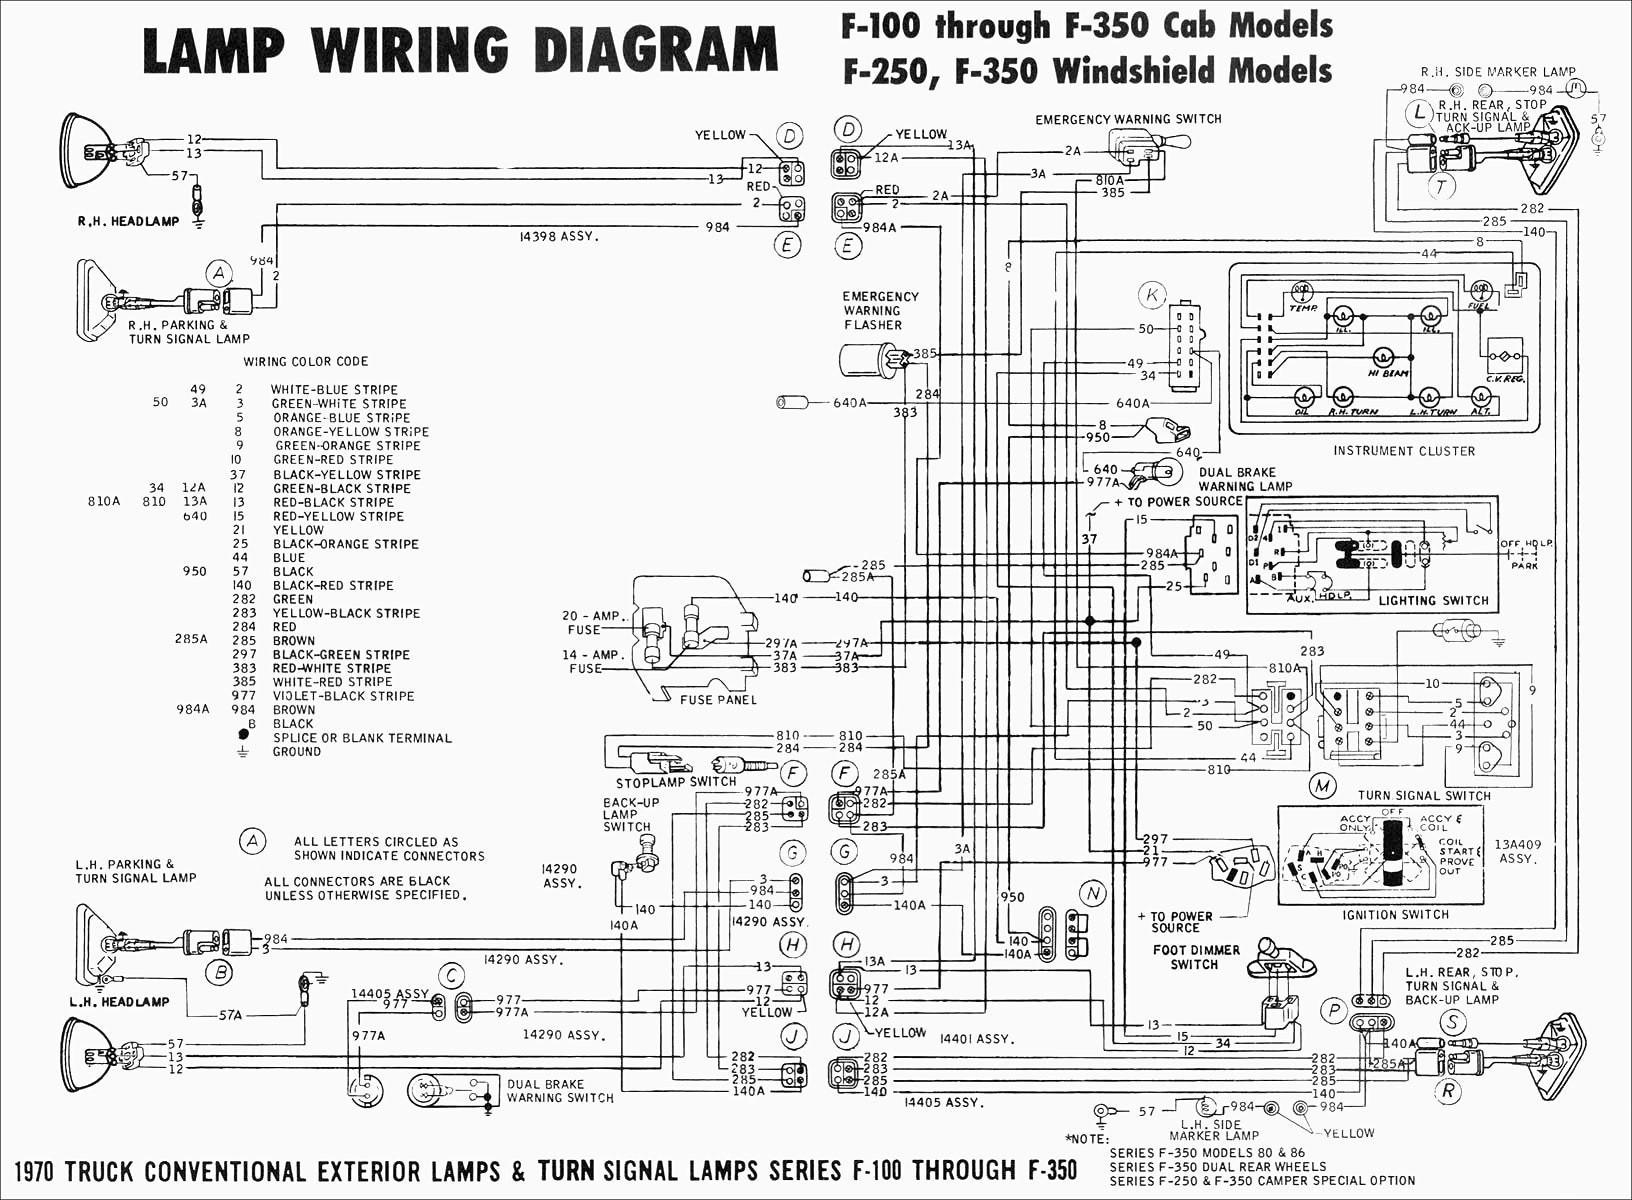 Wiring Diagram for Snorkel S1930 Jlo6251 Db53b Genie Lift Wiring Diagram 2001 Of Wiring Diagram for Snorkel S1930 Jlo6251